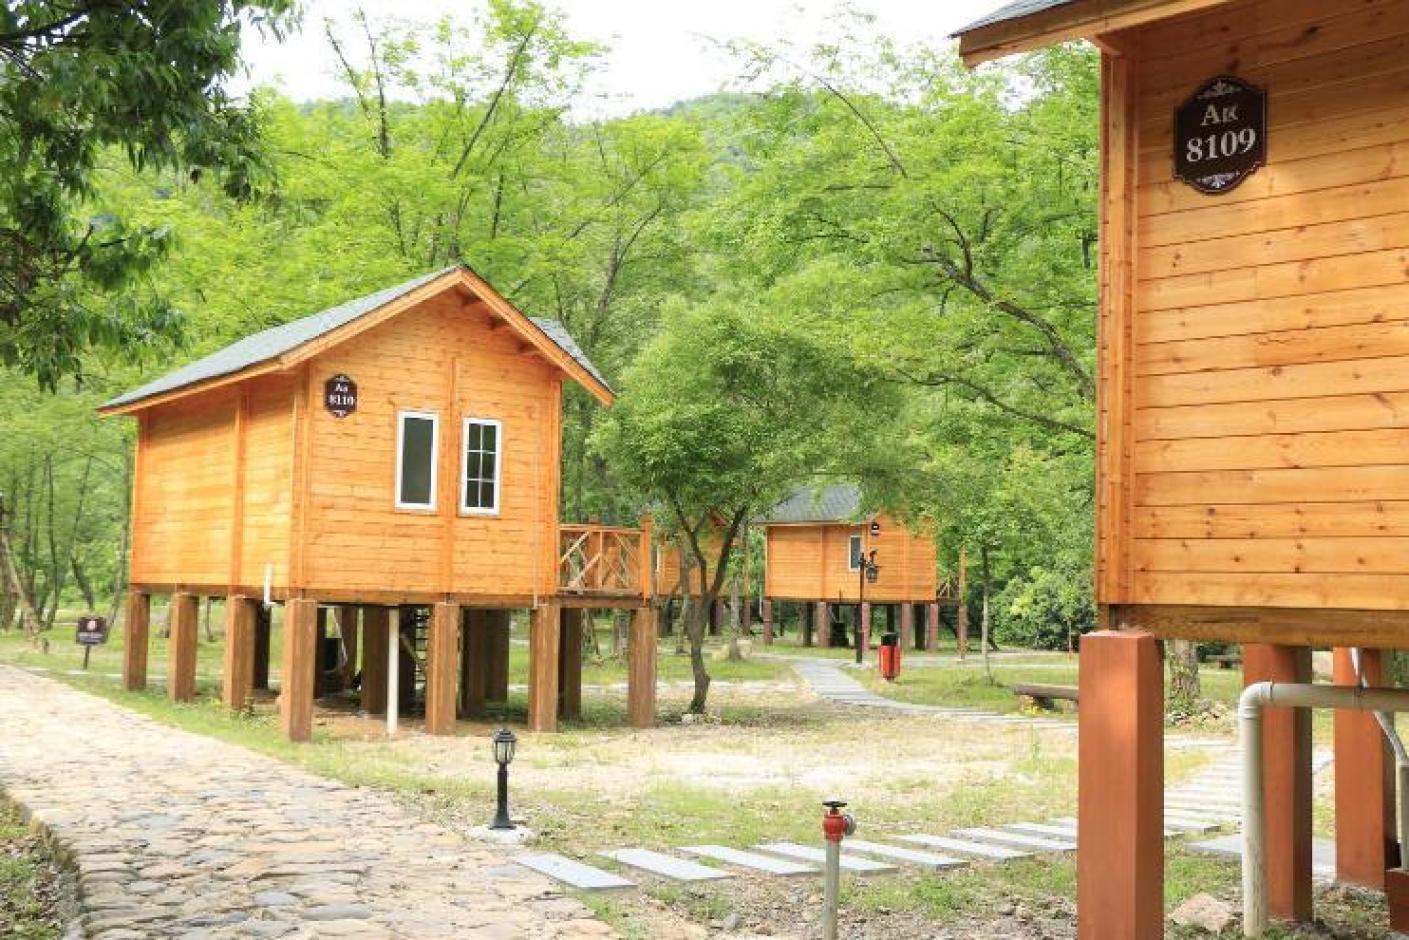 泾县绿林谷泳池度假村别墅私人木屋酒店图片